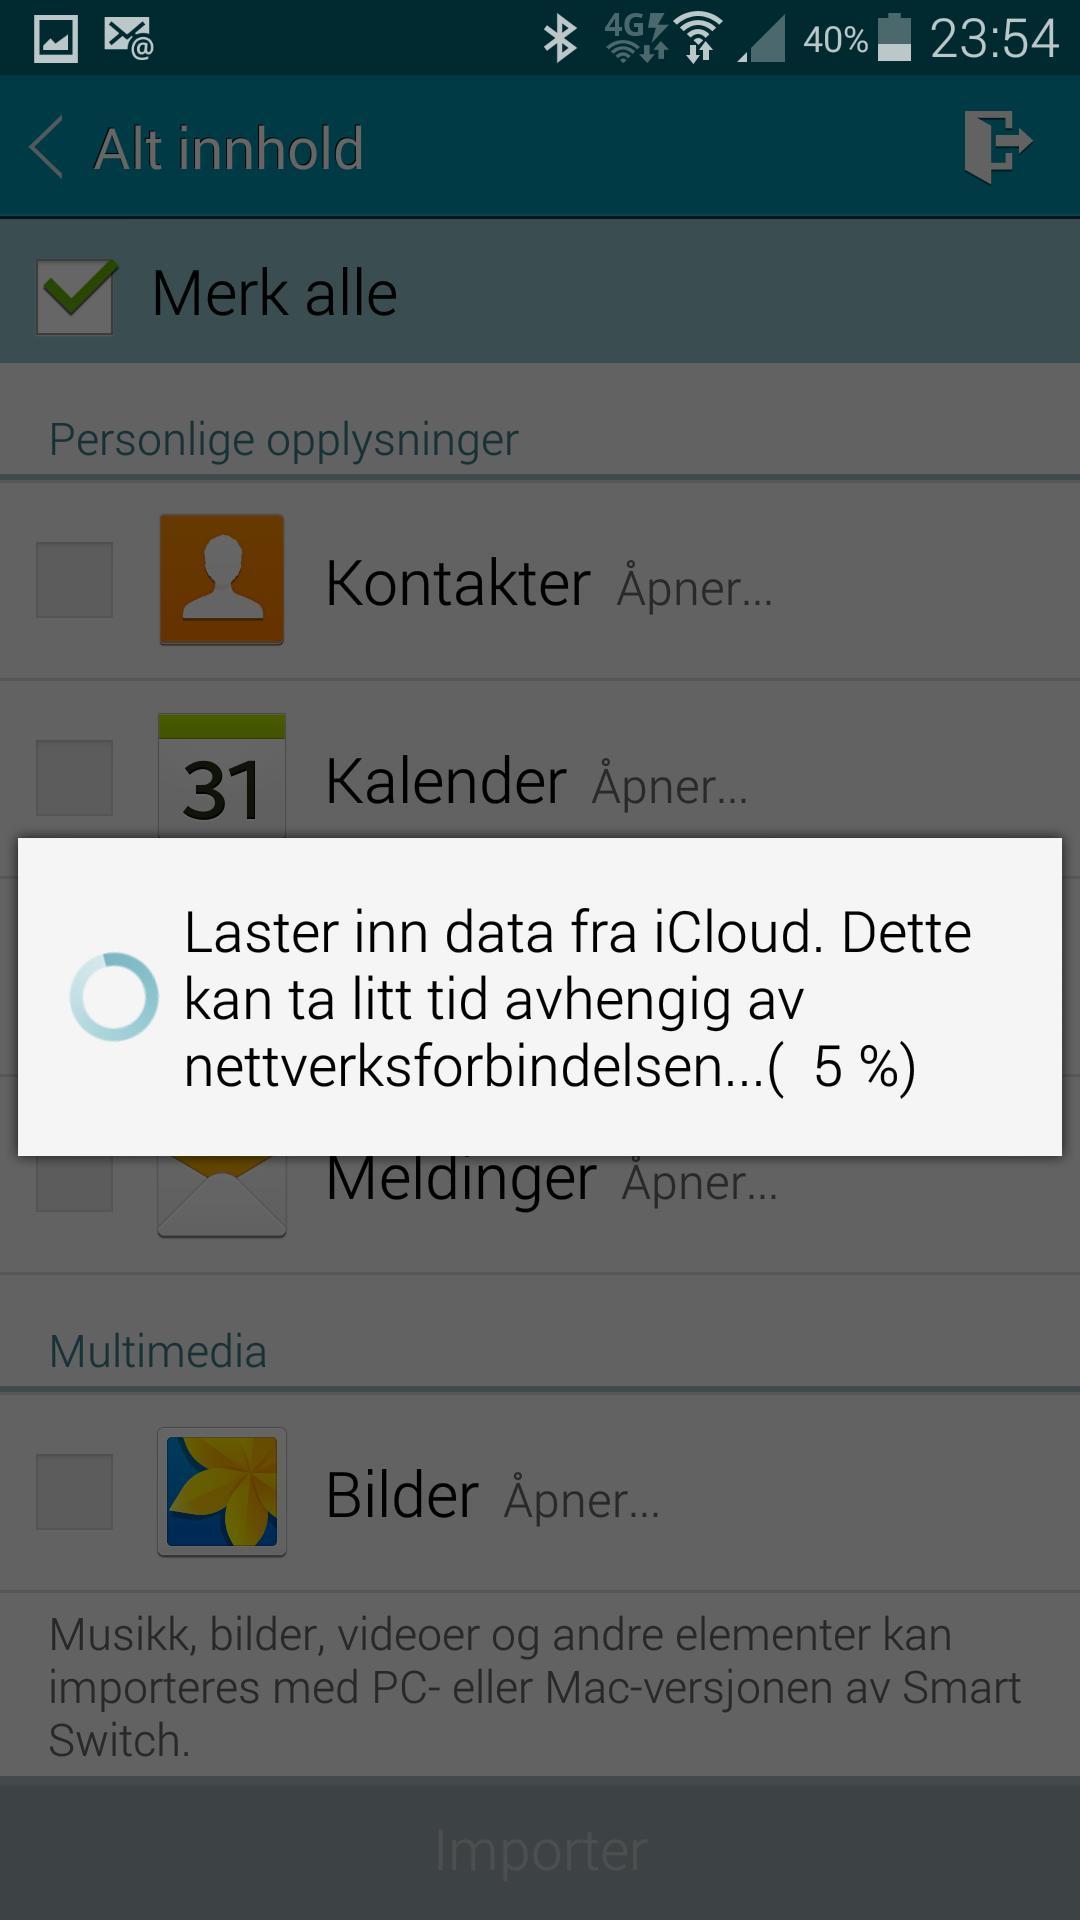 Samsung har laget en app som kan hente alle dine gamle data fra Apples iCloud-tjeneste, eller andre Android-mobiler. Praktisk!Foto: Finn Jarle Kvalheim, Amobil.no